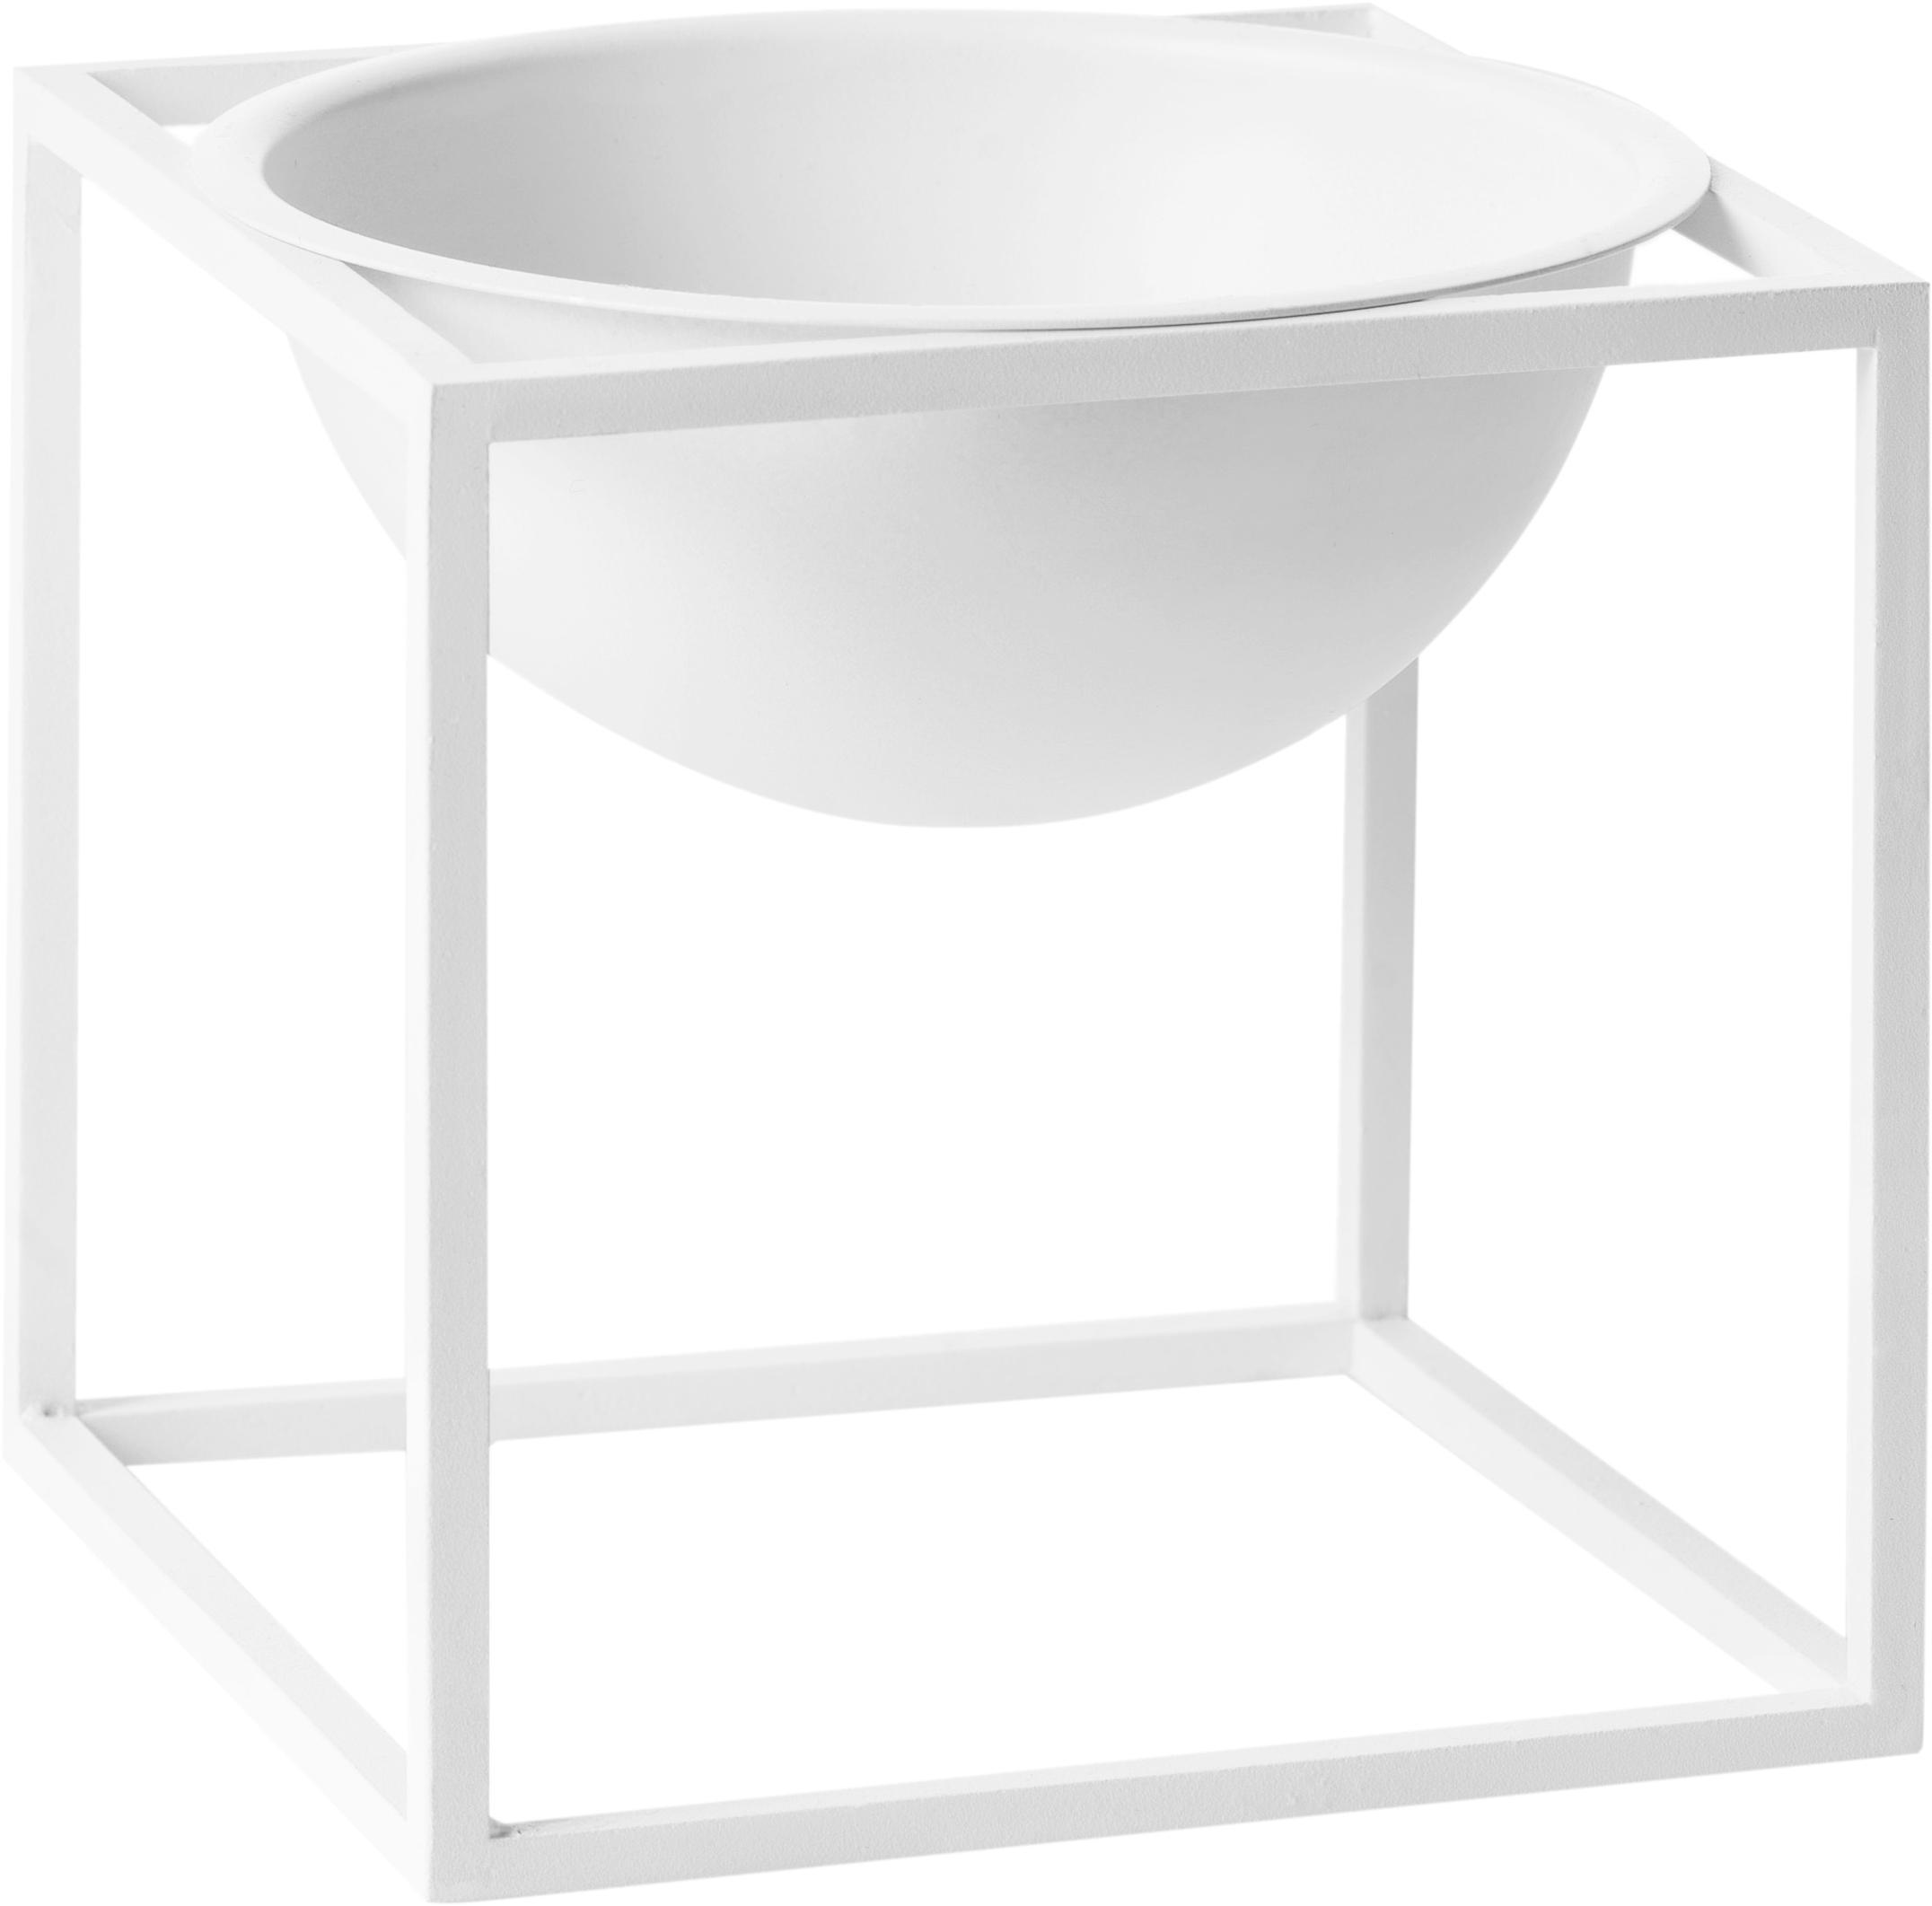 Schaal Kubus, Gelakt staal, Wit, 14 x 14 cm